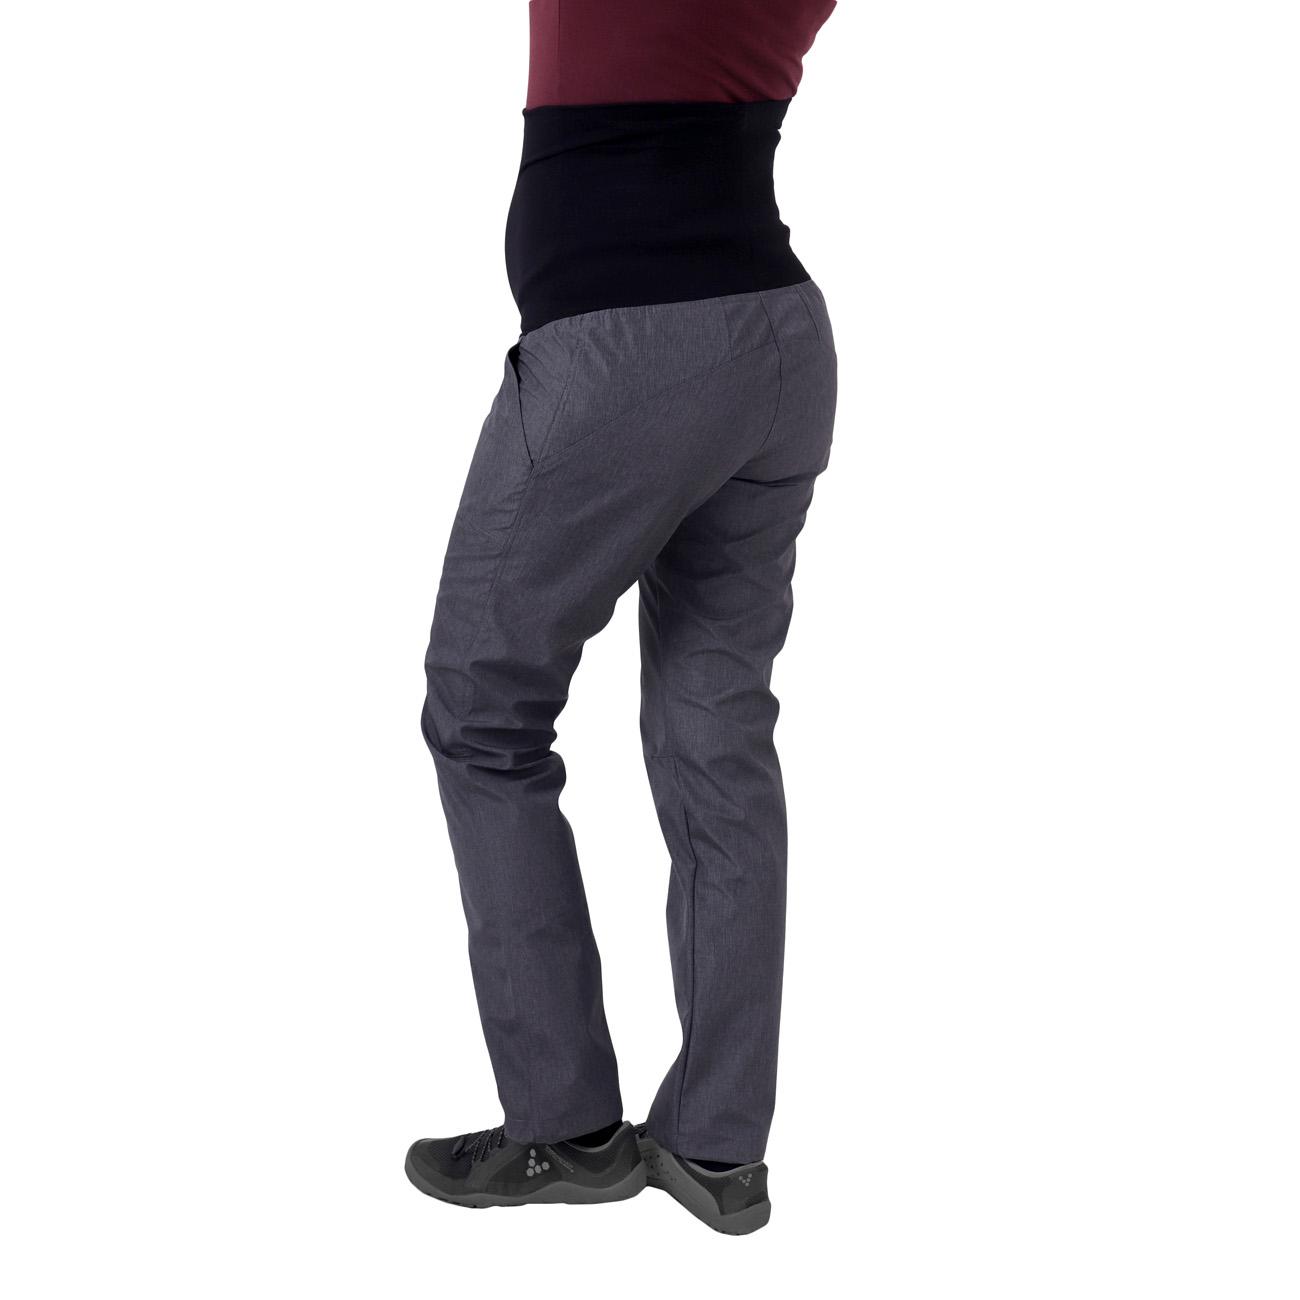 Jarní/letní těhotenské softshellové kalhoty liva, šedý melír, 38 normální délka